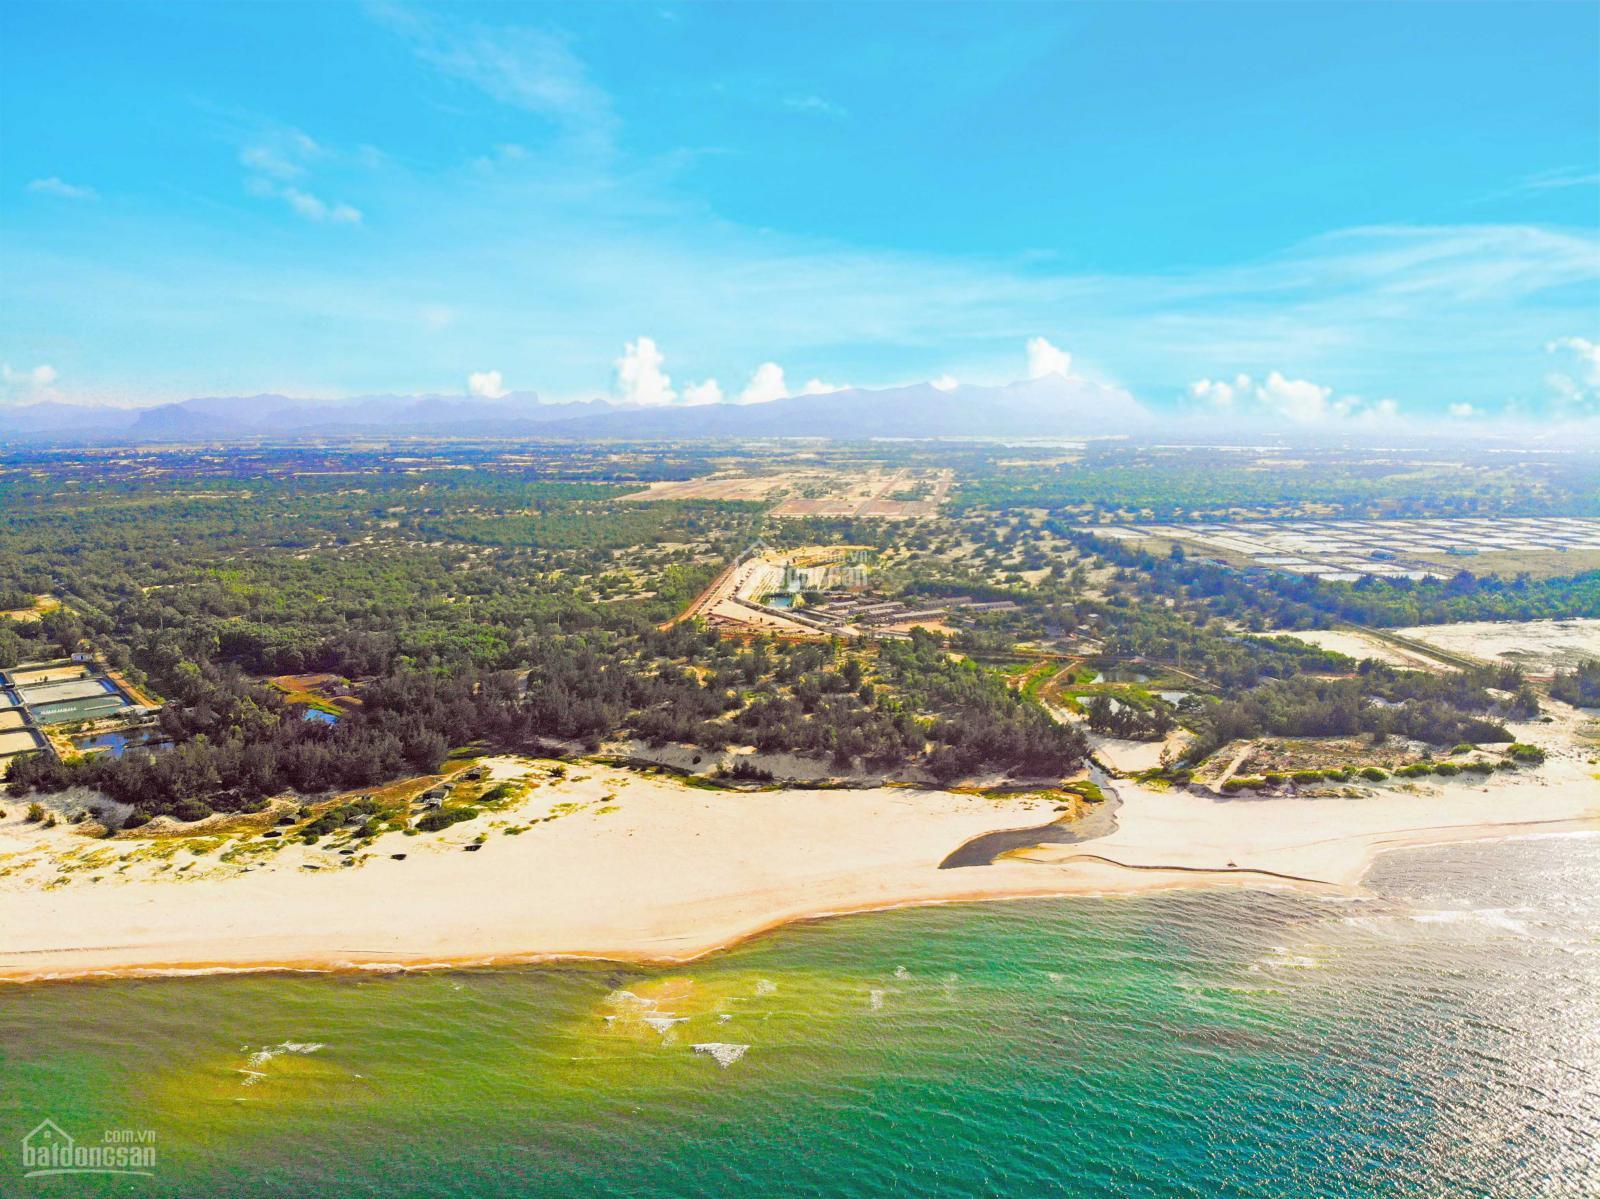 Bán đất biển giá rẻ GĐ1 đầu tư siêu lợi nhuận từ 6,6 tr/m2 bao sổ, kề sân golf, cạnh FLC Quảng Bình